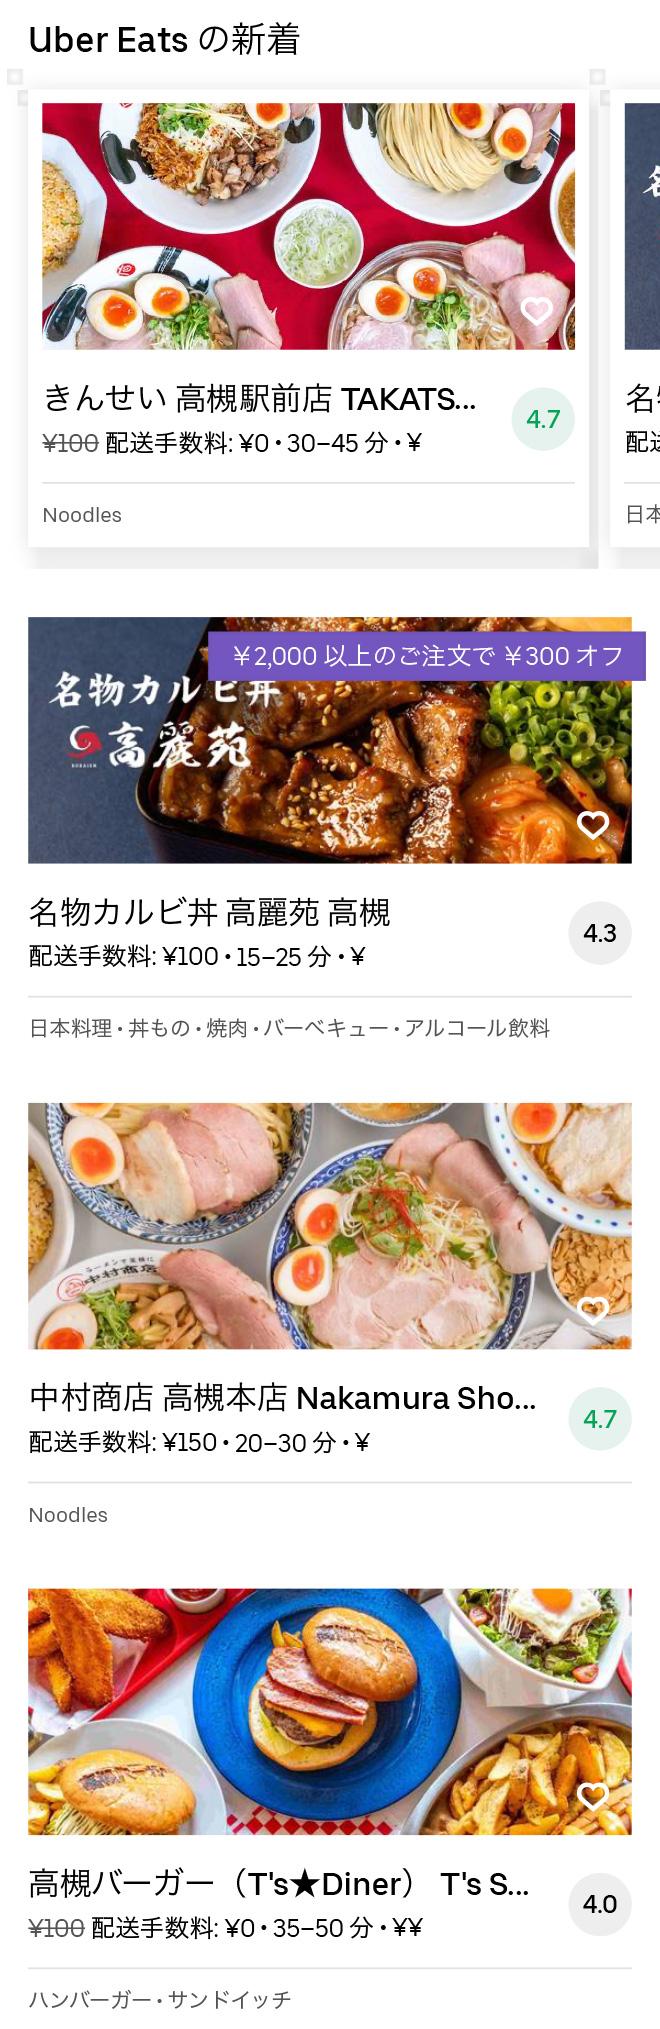 Takatsuki menu 2008 02